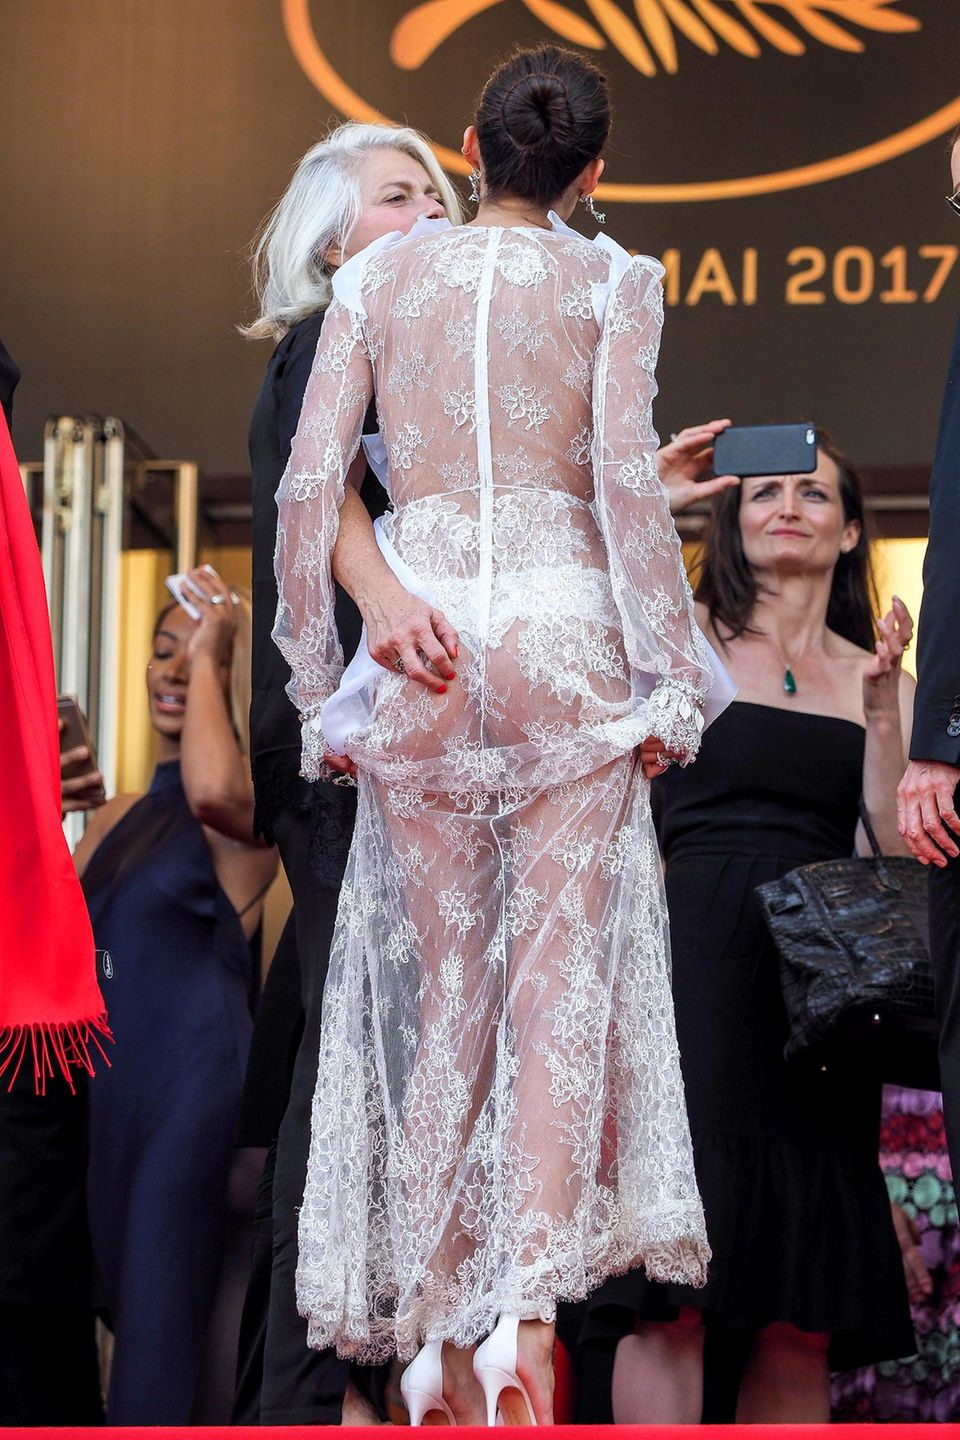 Bei diesem transparenten Kleid vonSara Sampaio muss man aufpassen wo die Hände hinwandern.